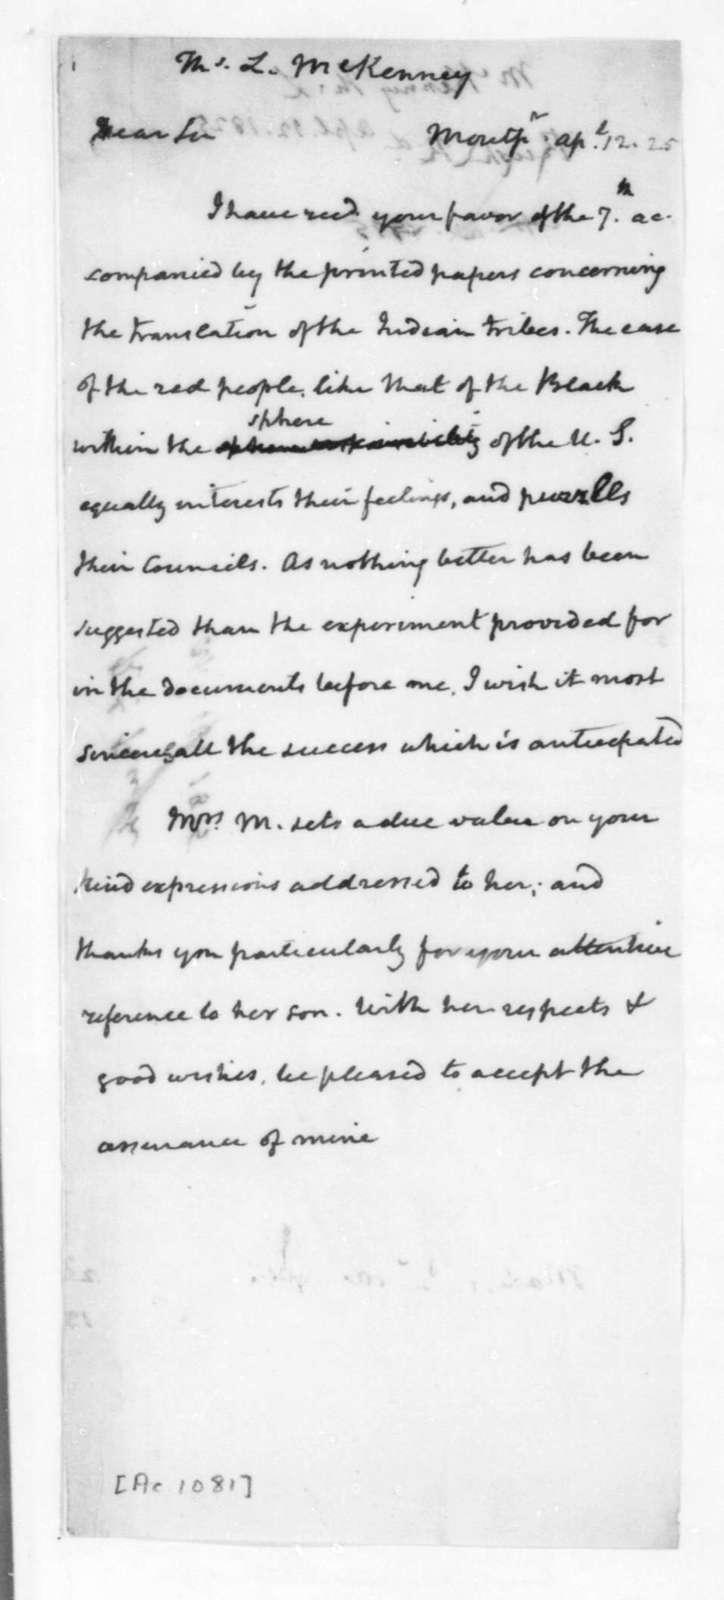 James Madison to Thomas L. McKenney, April 12, 1825.